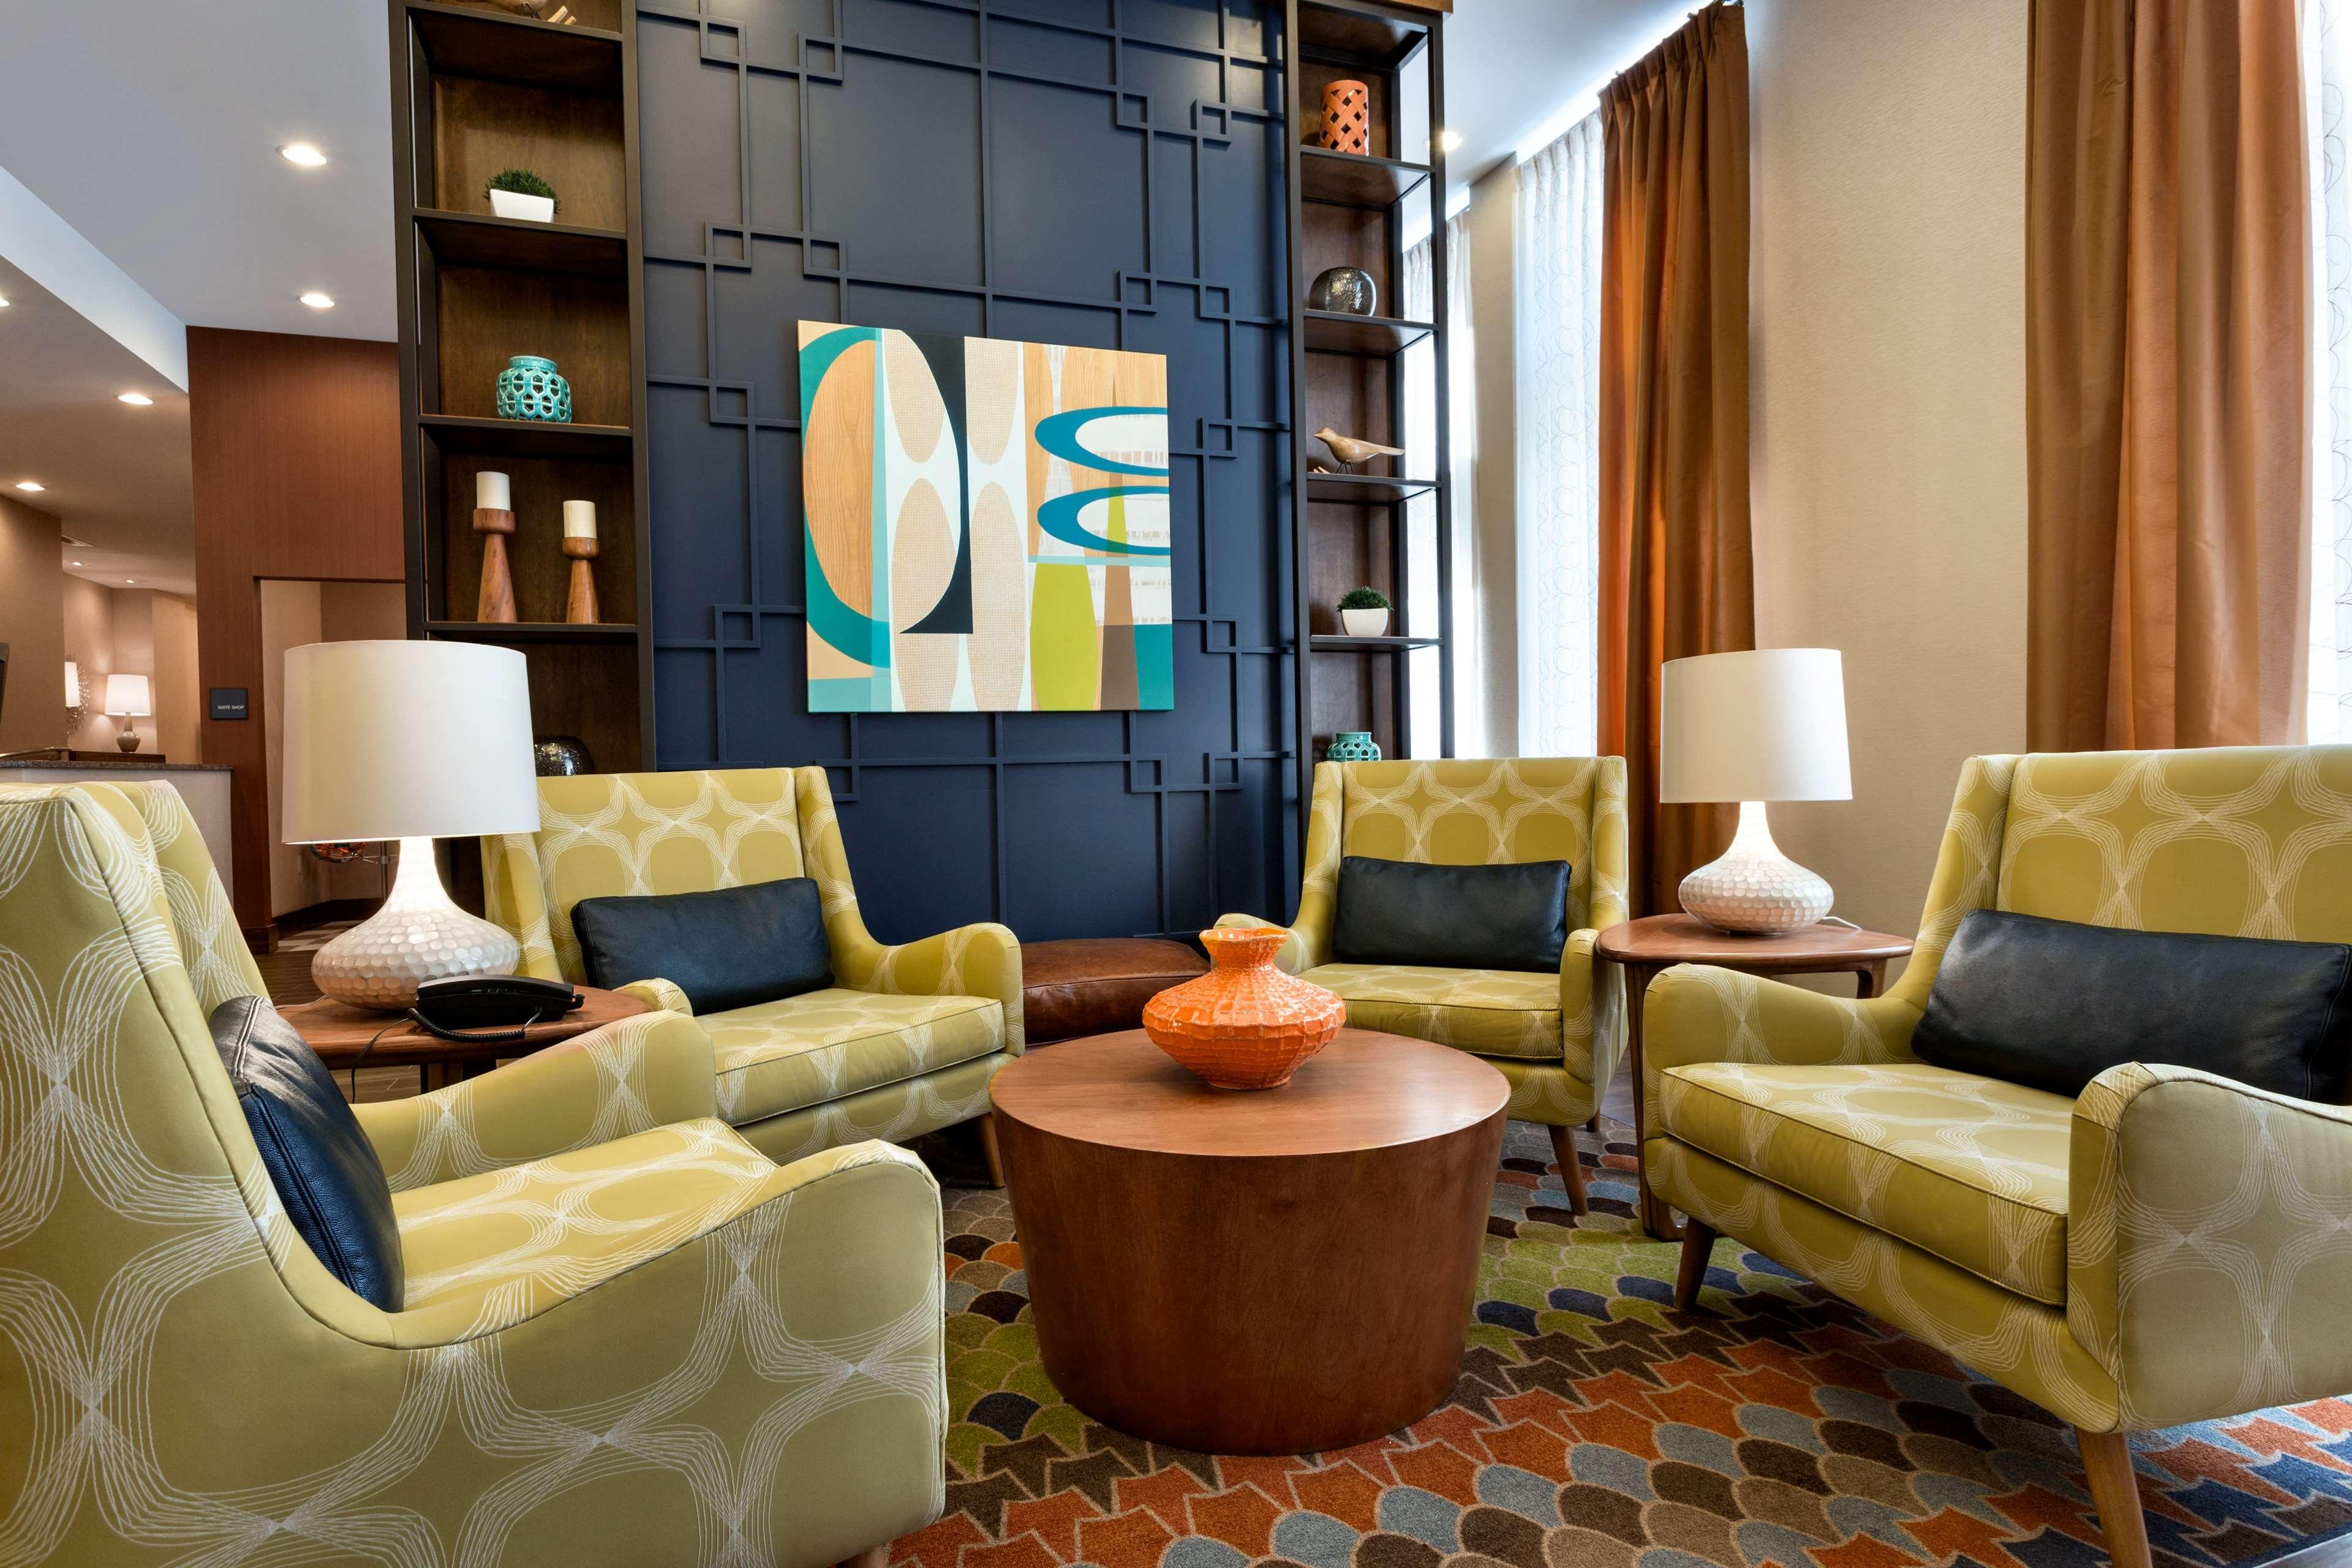 Hampton Inn and Suites Clayton/St Louis-Galleria Area image 2